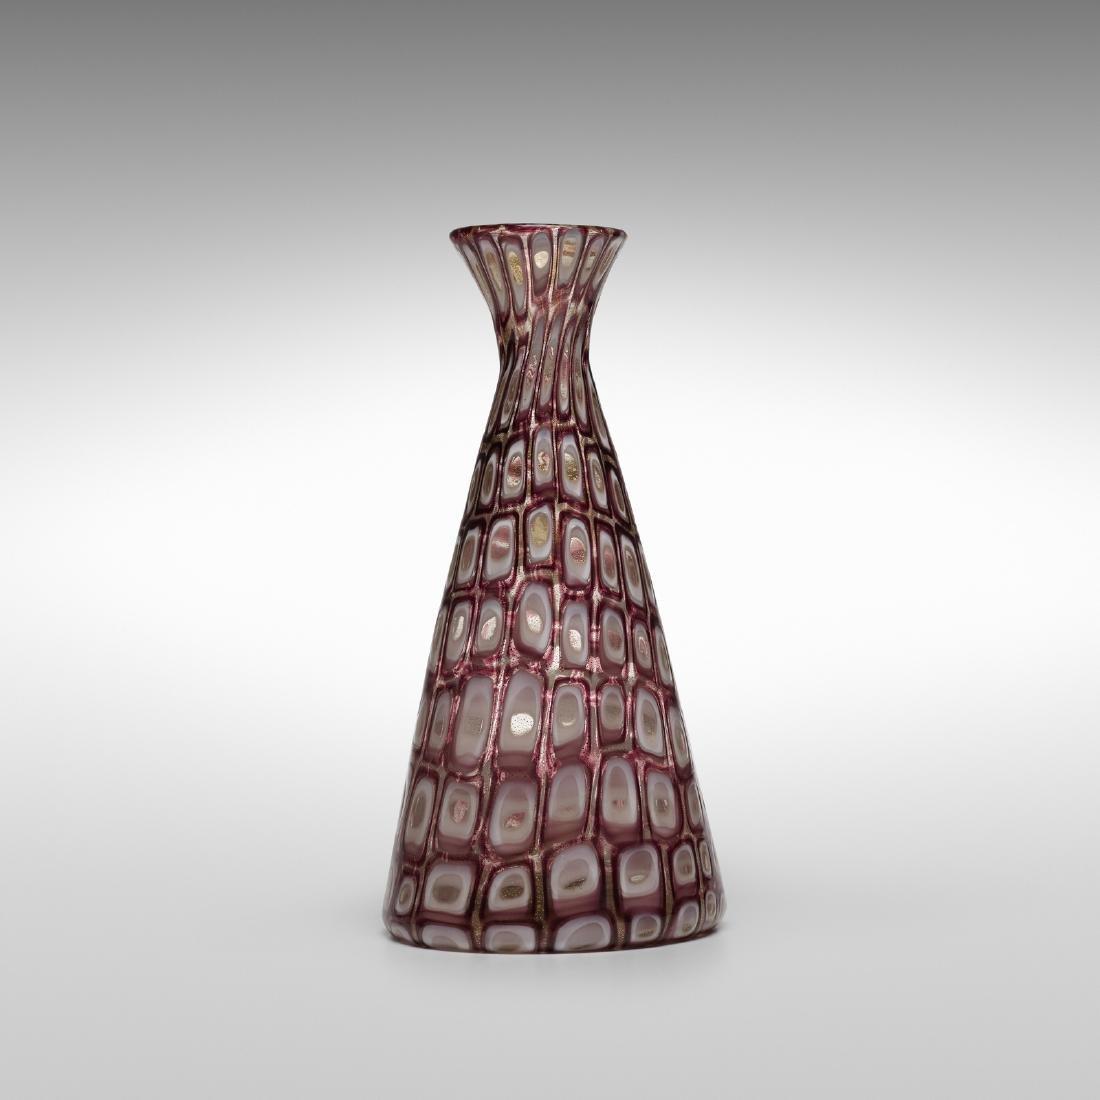 Ercole Barovier, Murrino vase